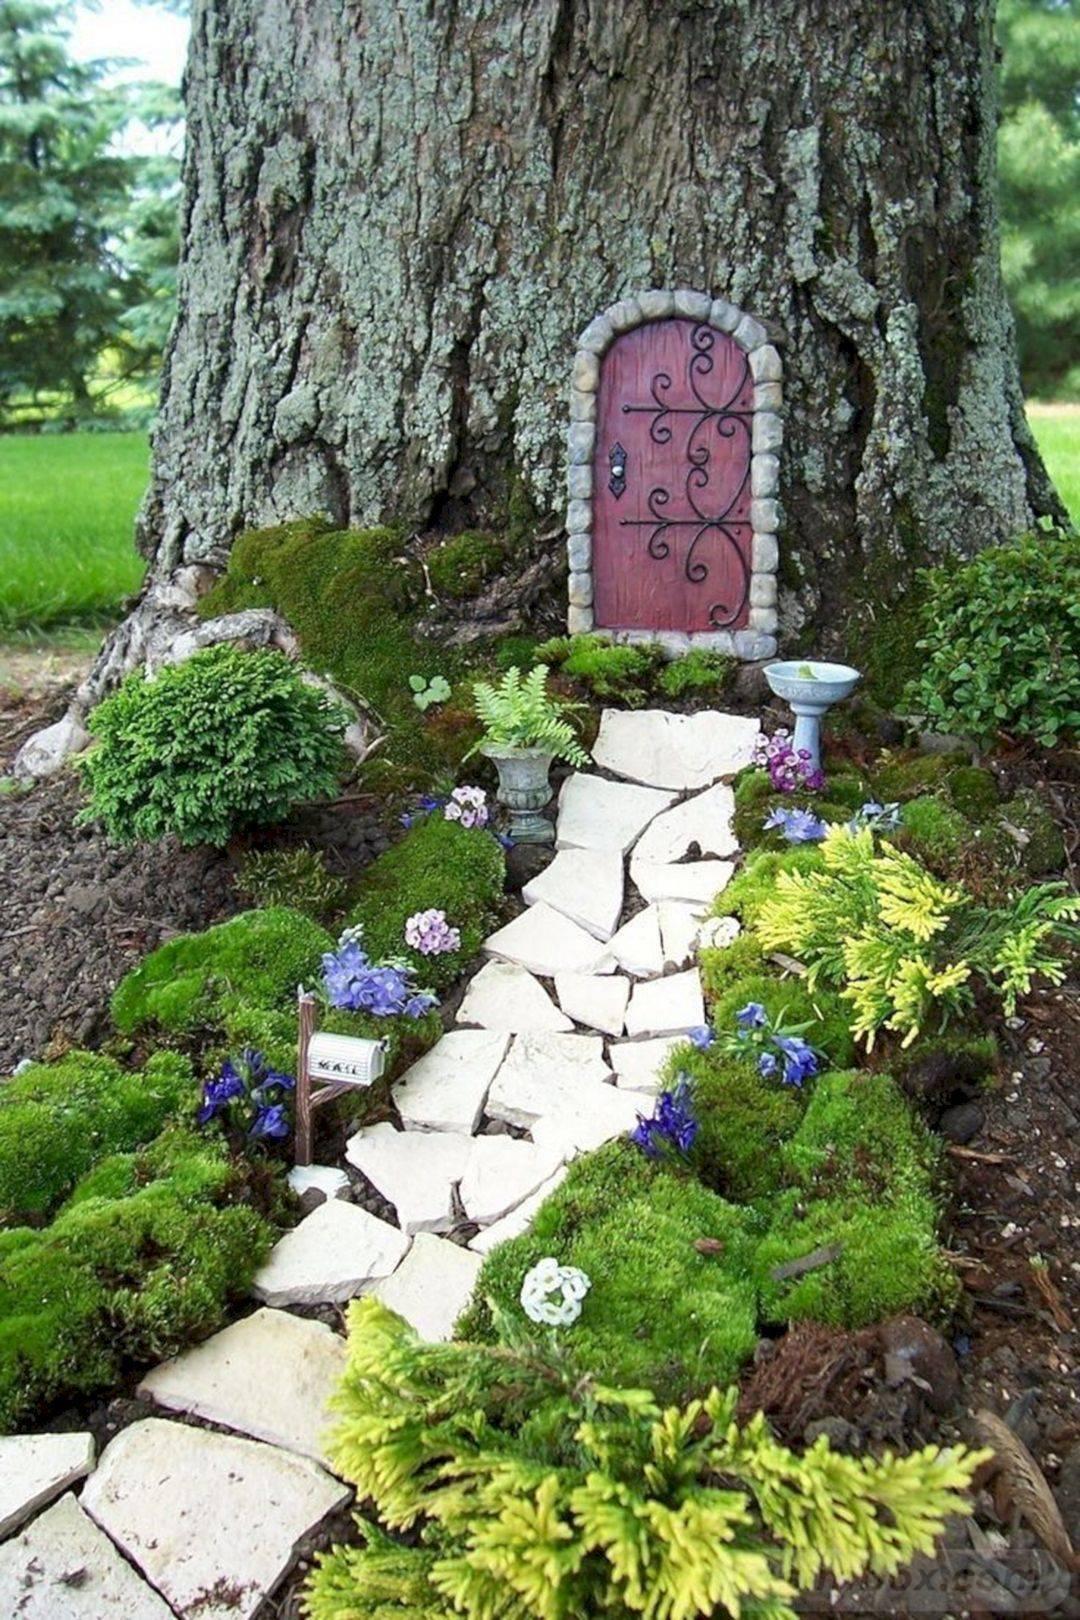 diy easy garden ideas-413627547017522263